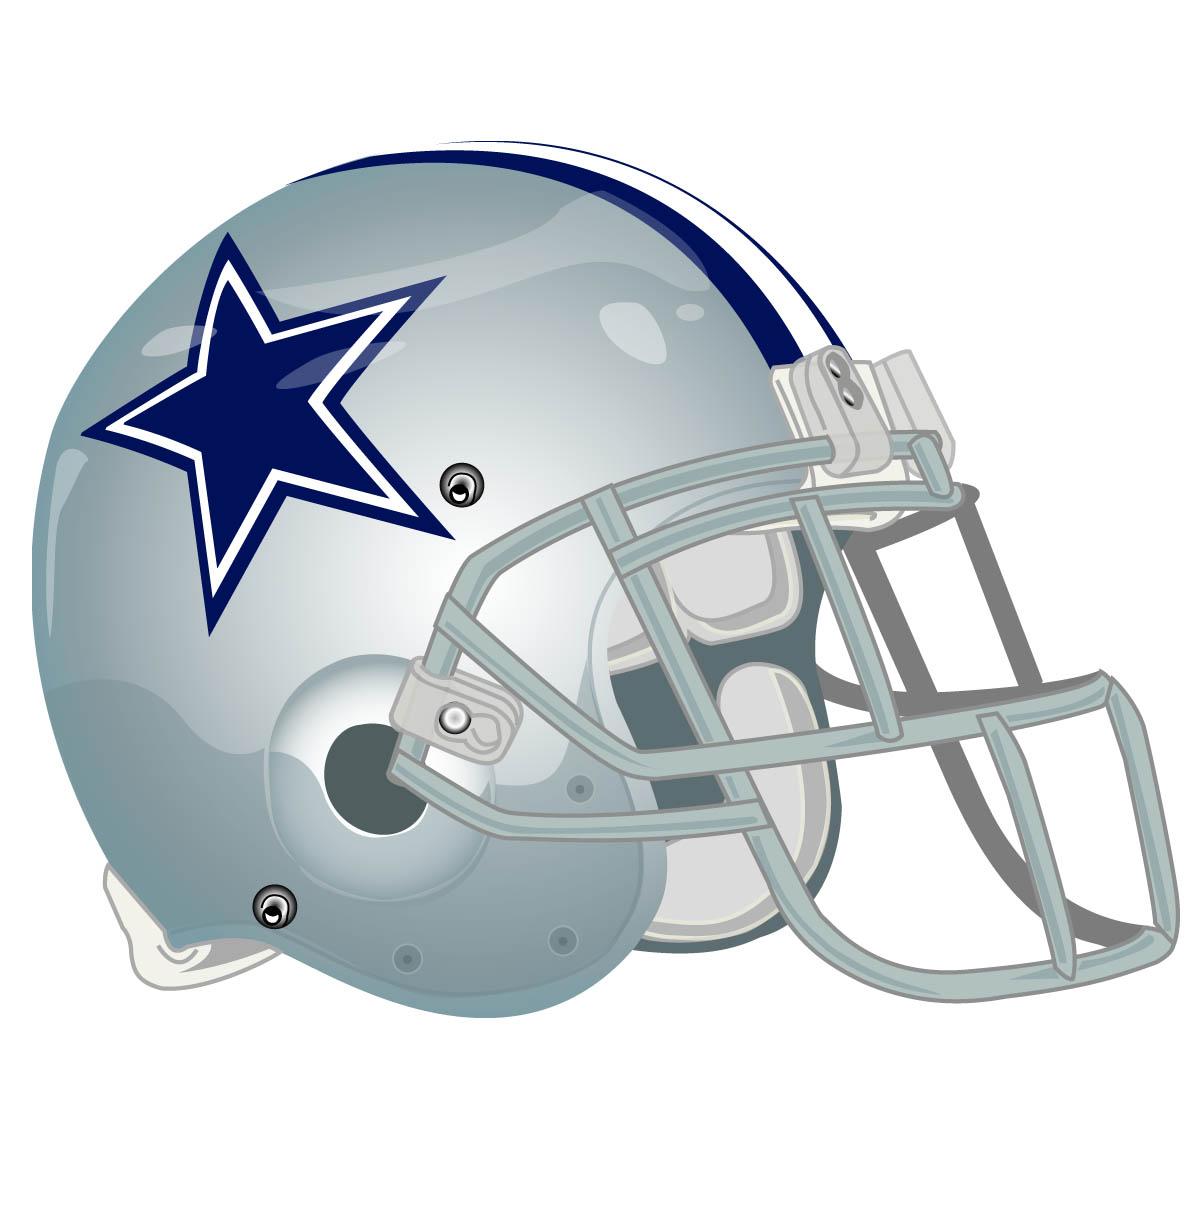 1204x1208 Cowboys Football Helmet Clip Art